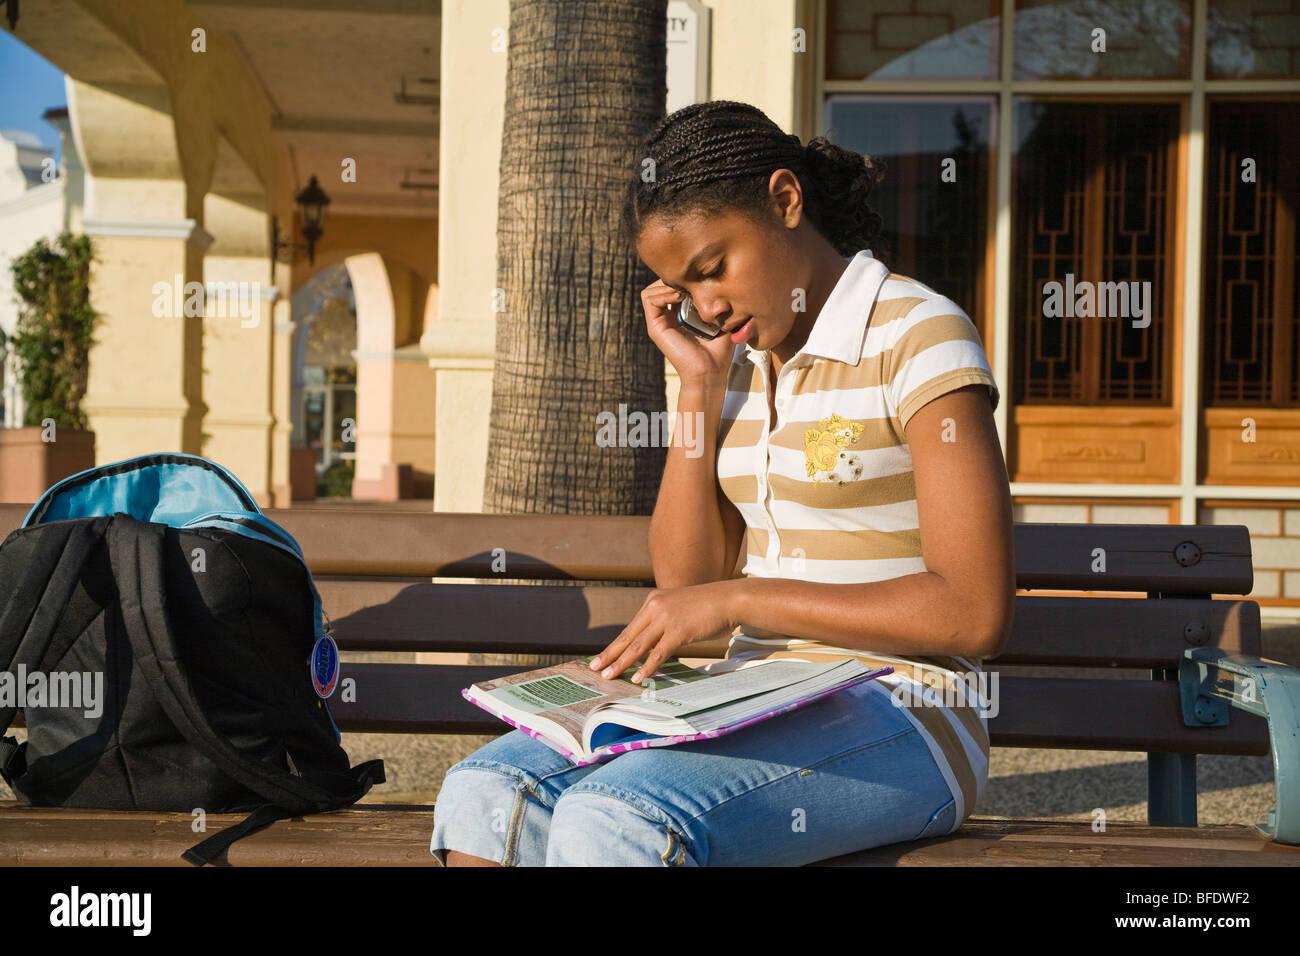 teenager homework contract